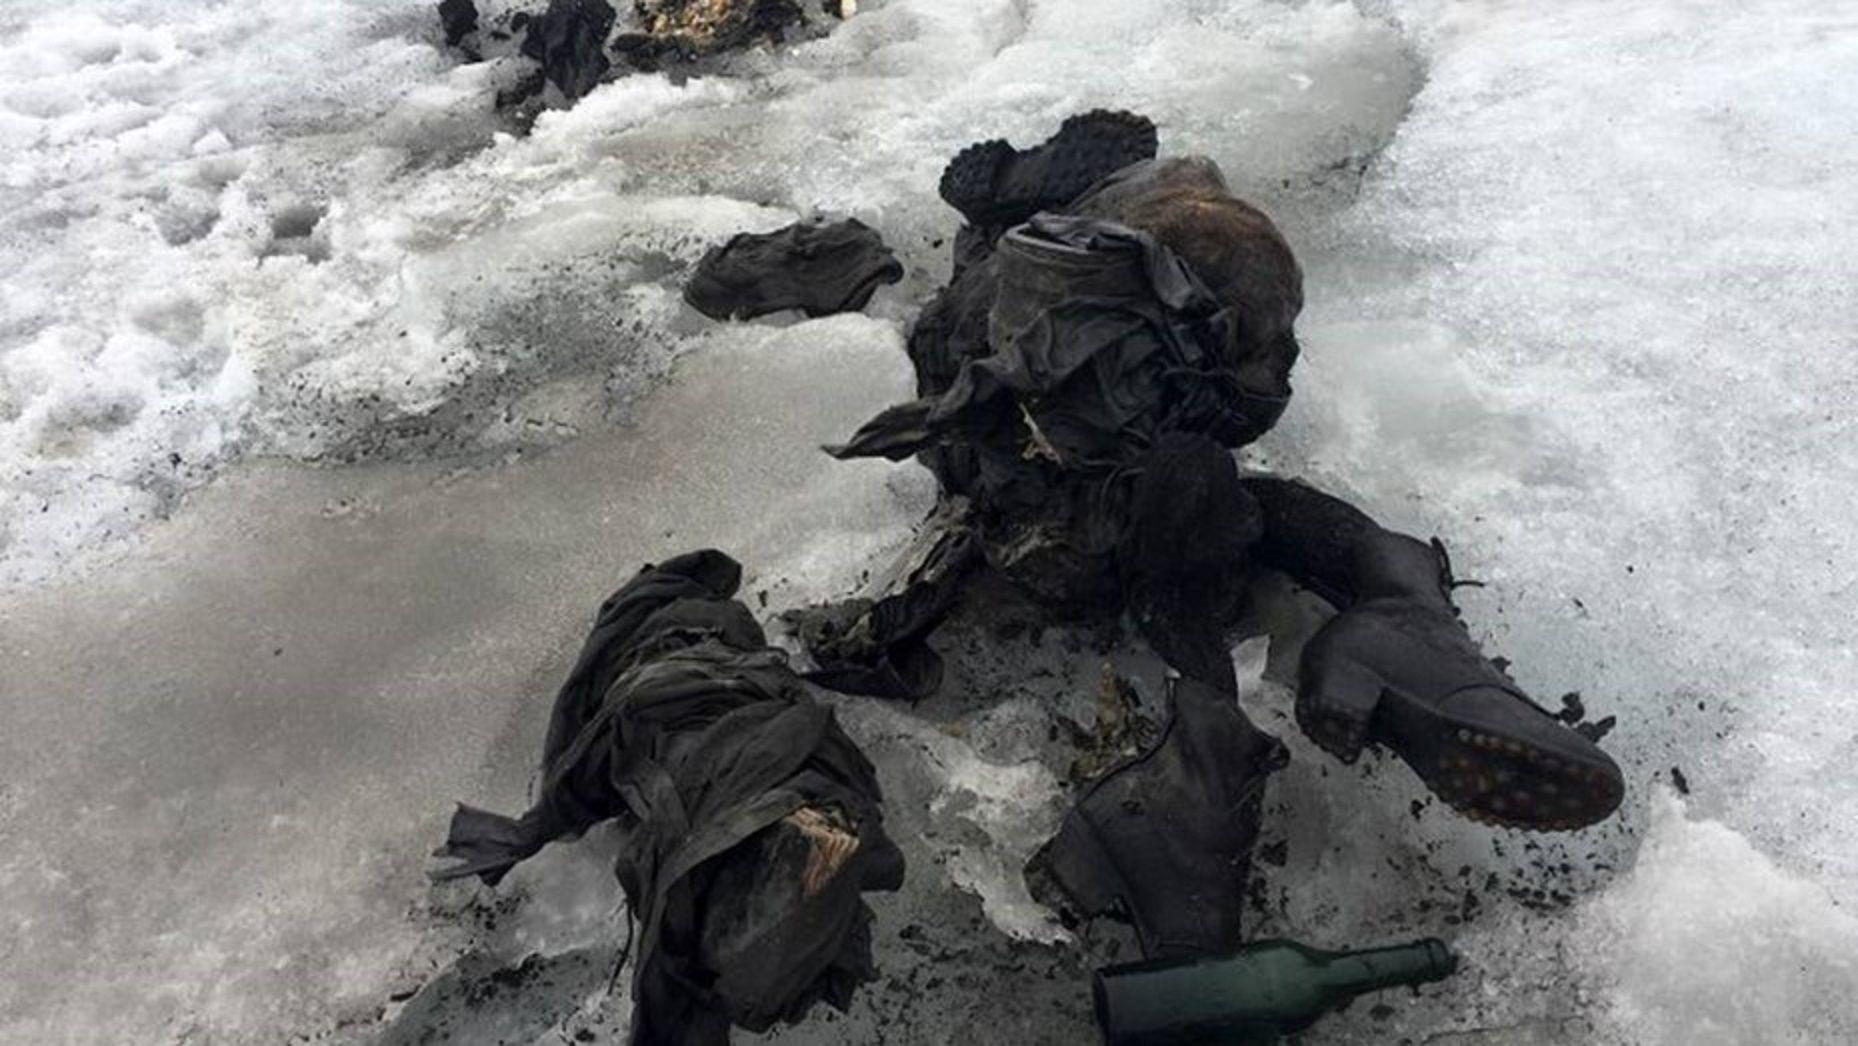 Hallaron una pareja momificada en un glaciar